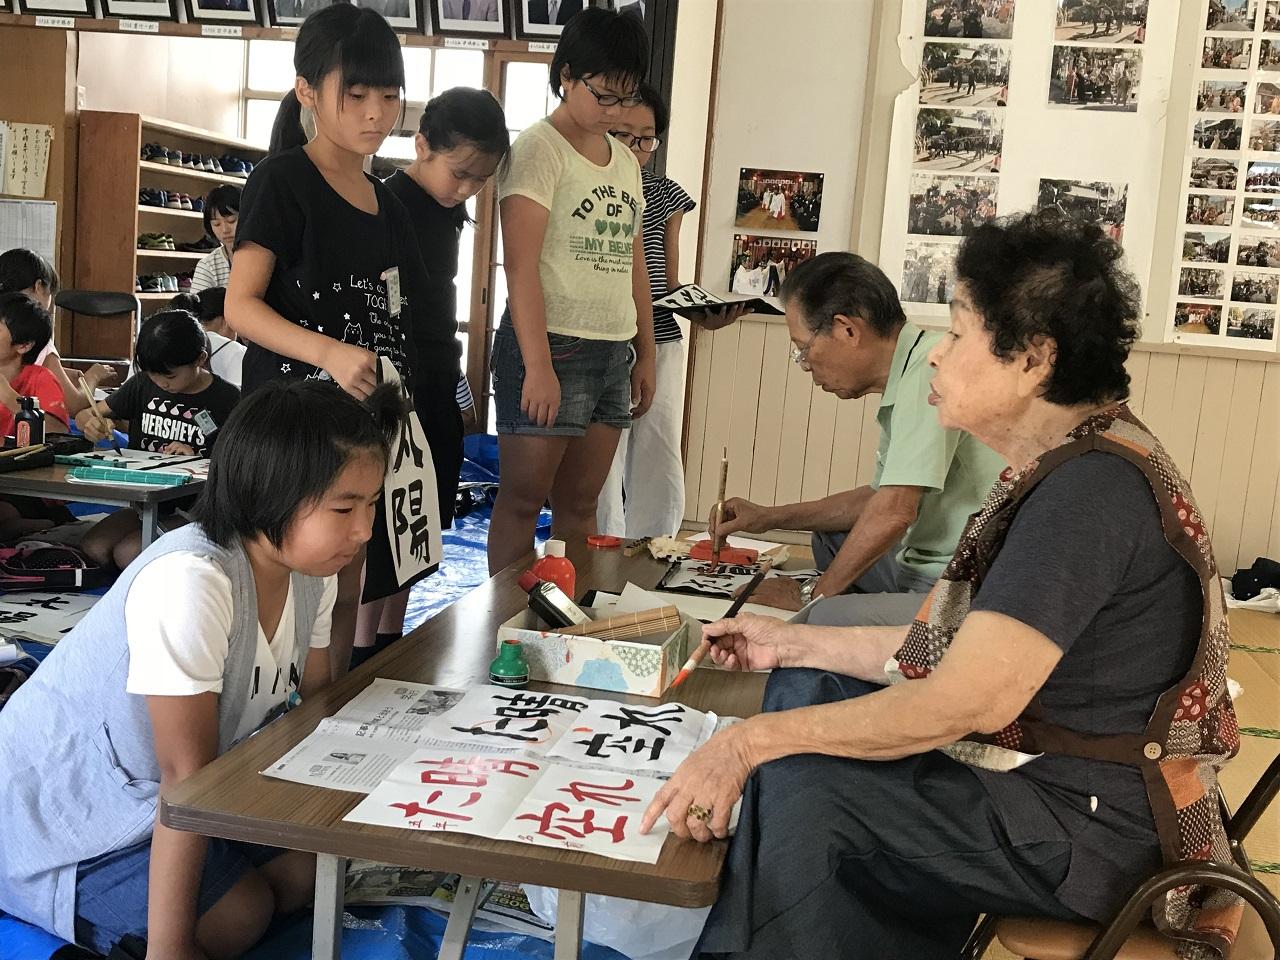 毎年8月に行う寺子屋塾では、書道など多彩なメニューを実施。子どもたちの明るい声が響く=2018年8月、長崎県大村市(松原宿活性化協議会提供)